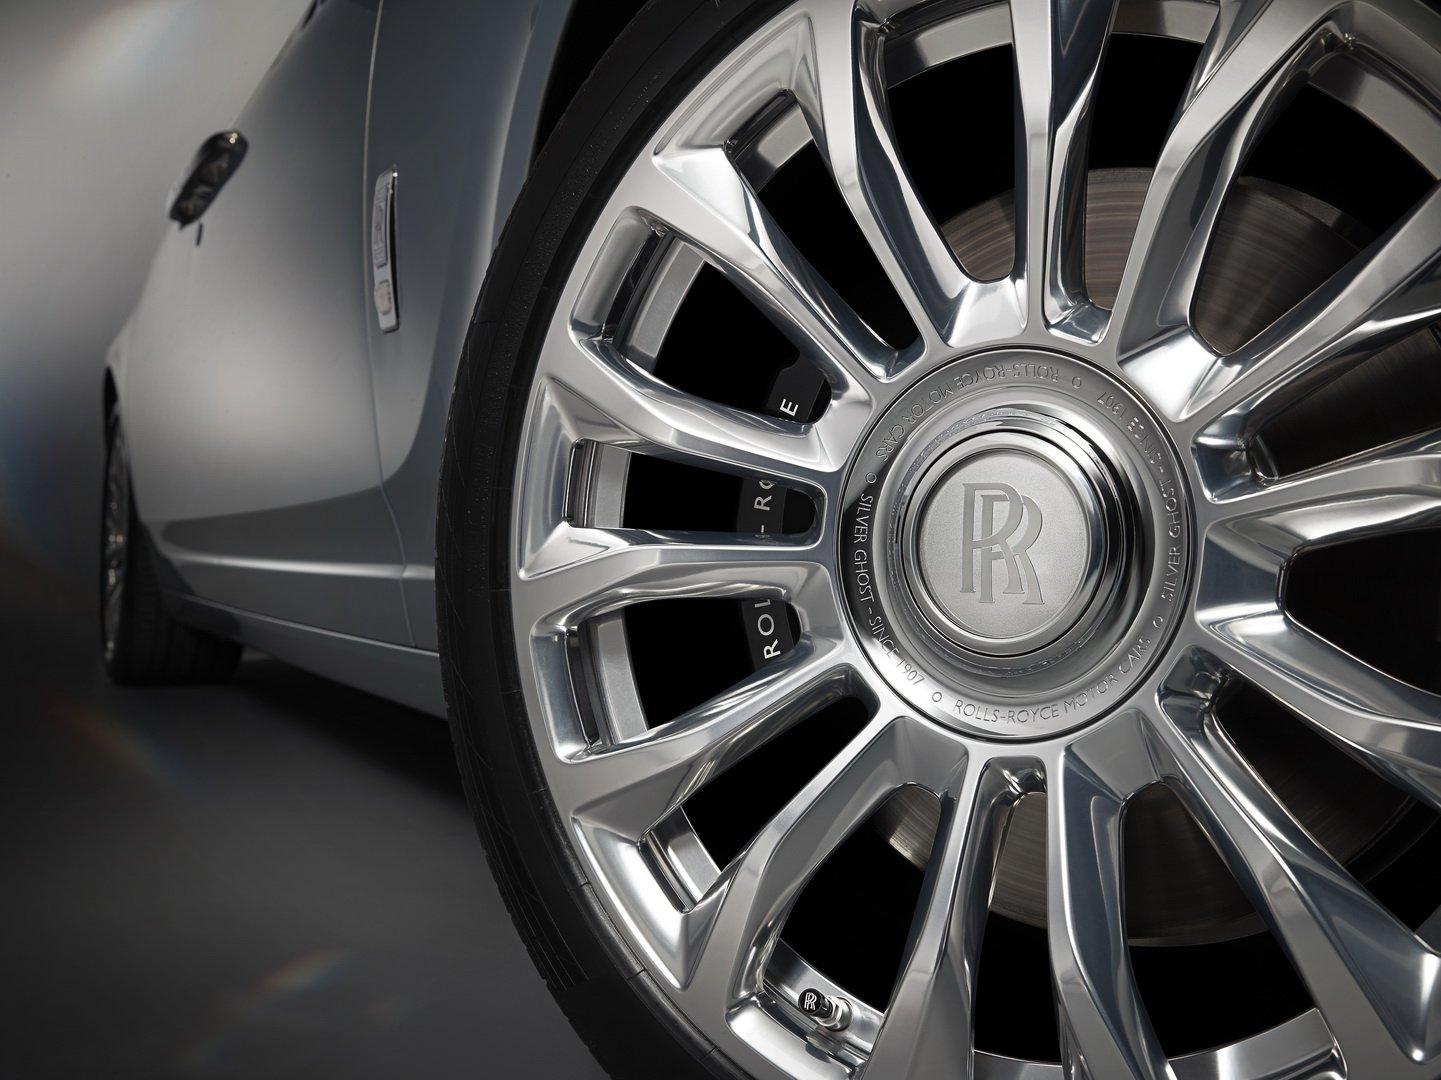 خودروی نقره اندود رولز رویس، لوکس، زیبا و راحت